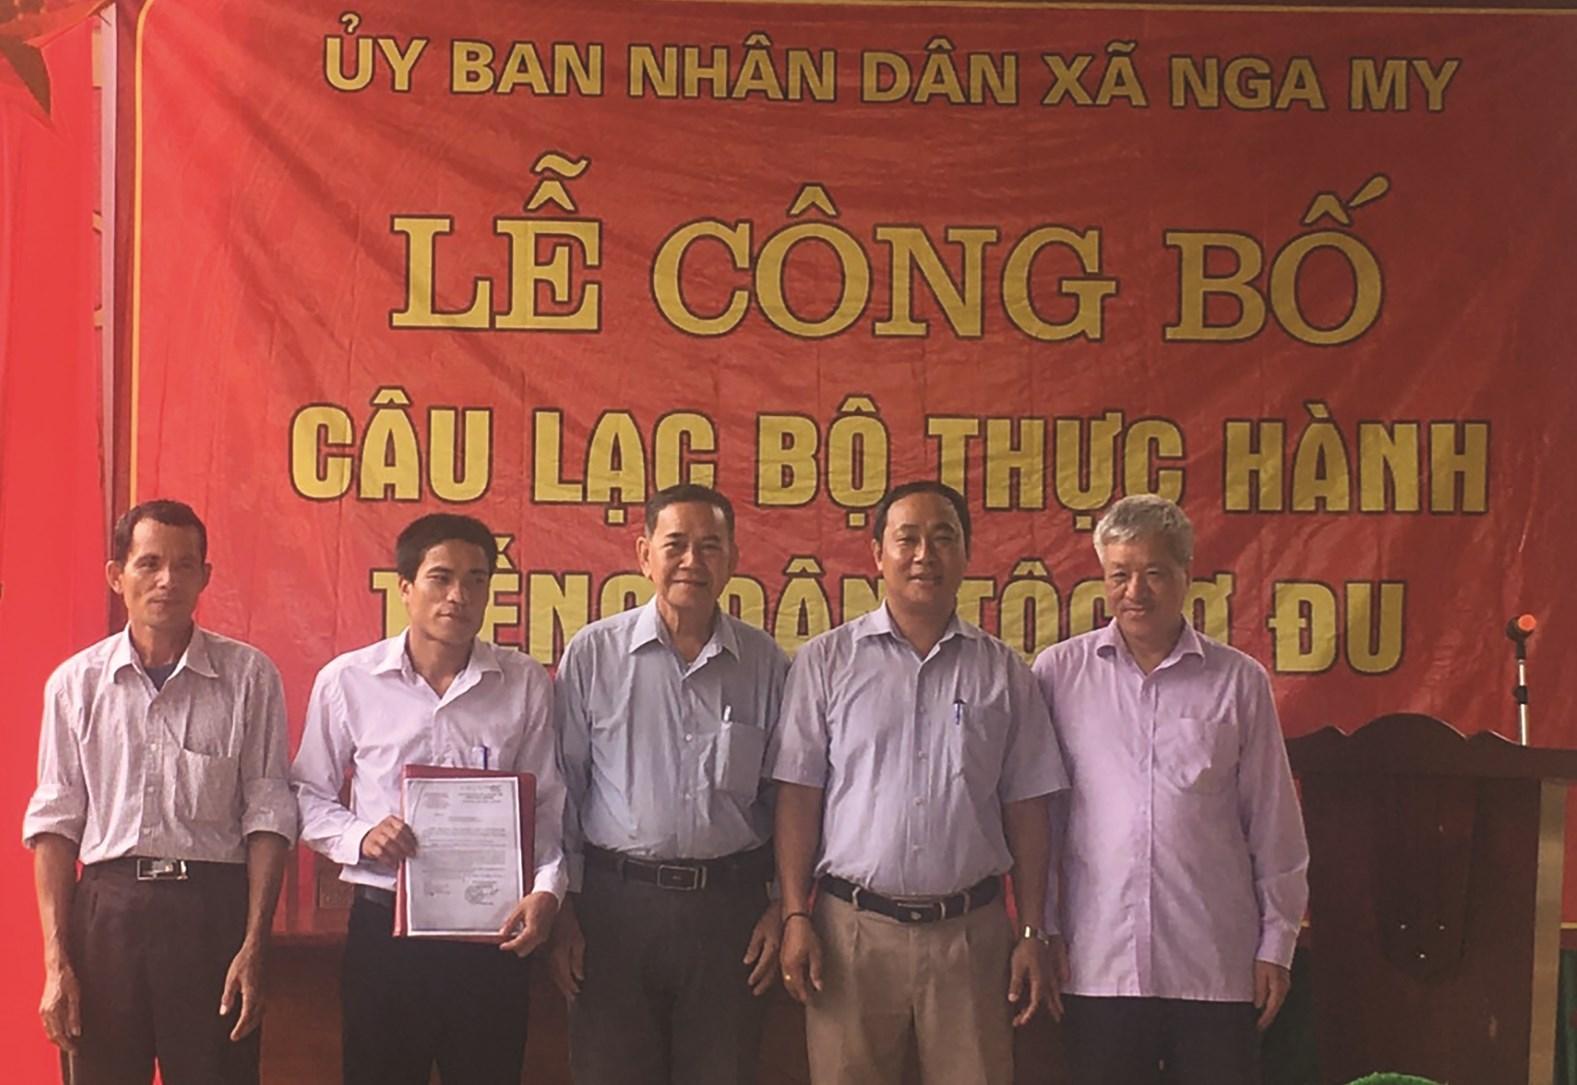 Anh Lo Văn Quyền (thứ hai từ trái qua) tại Lễ ra mắt CLB thực hành tiếng Ơ-đu